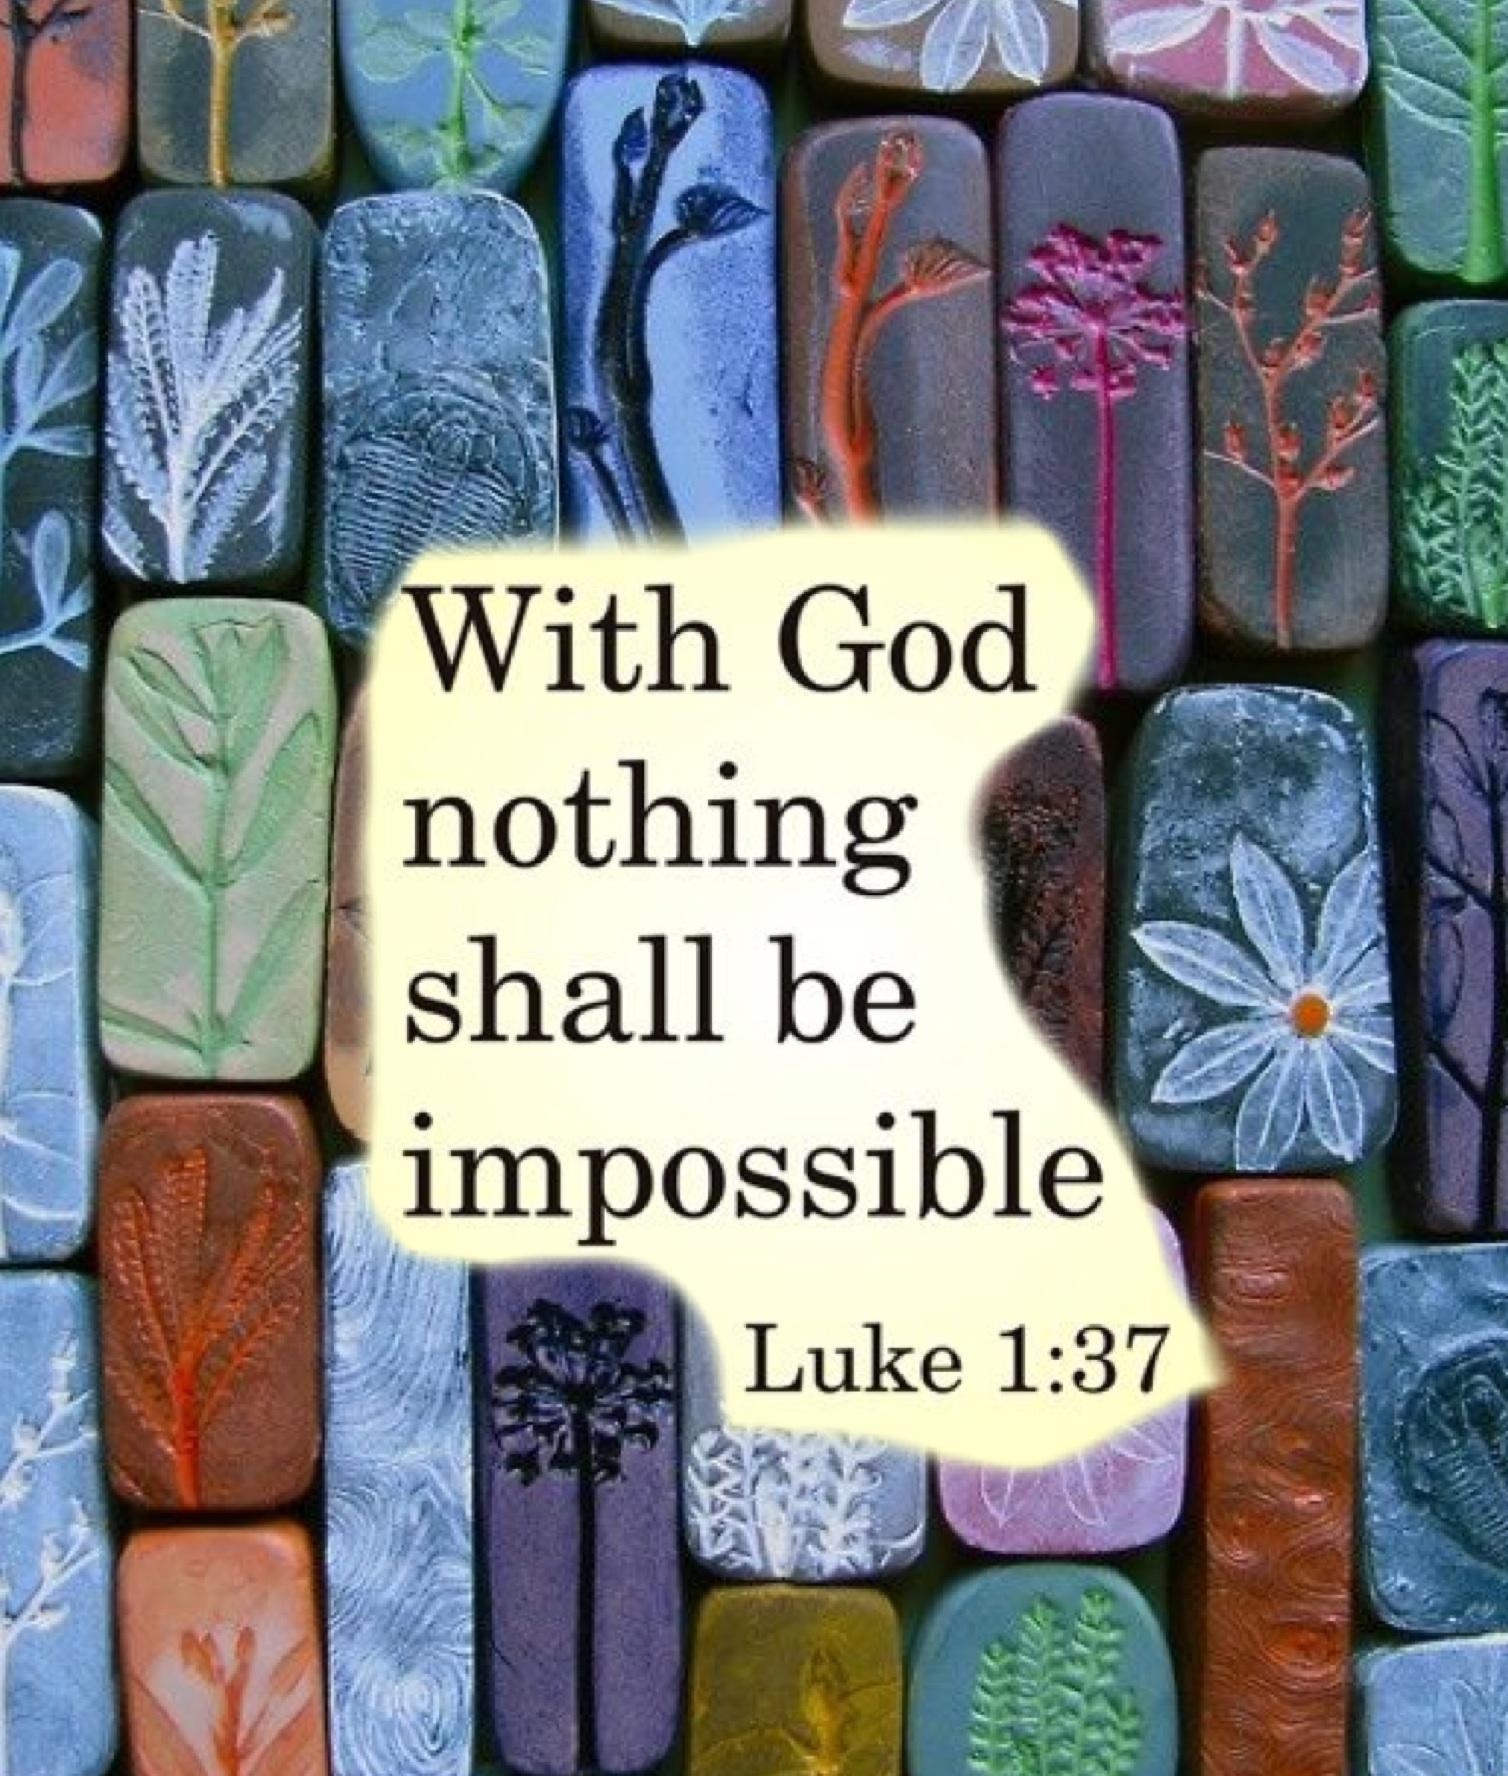 Luke 1:37